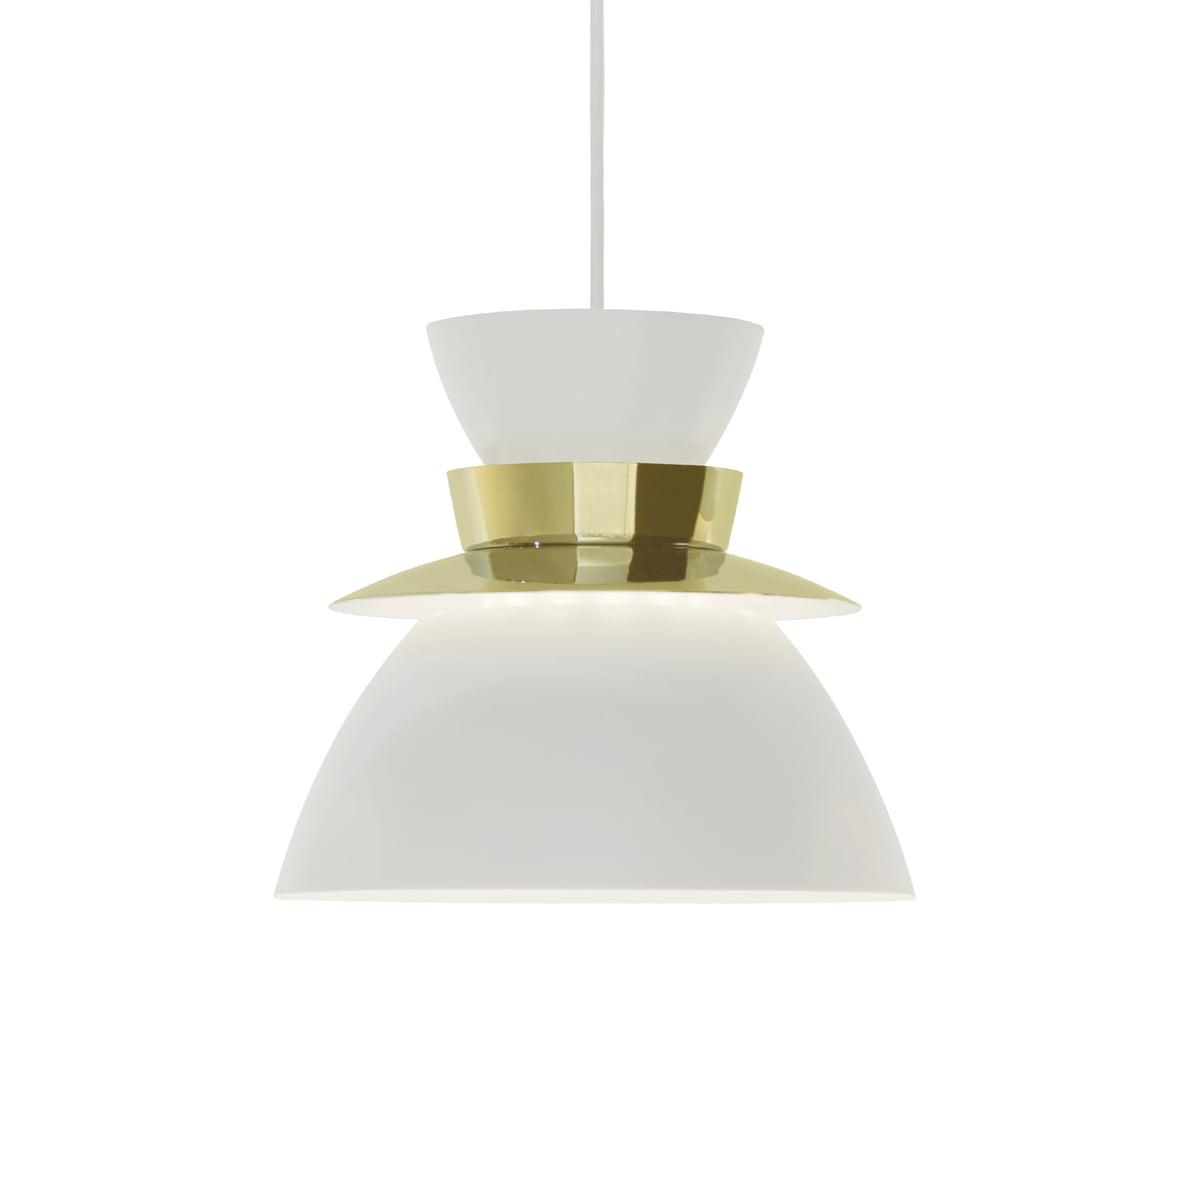 u pendant lamp by artek - artek  u pendant lamp chrome